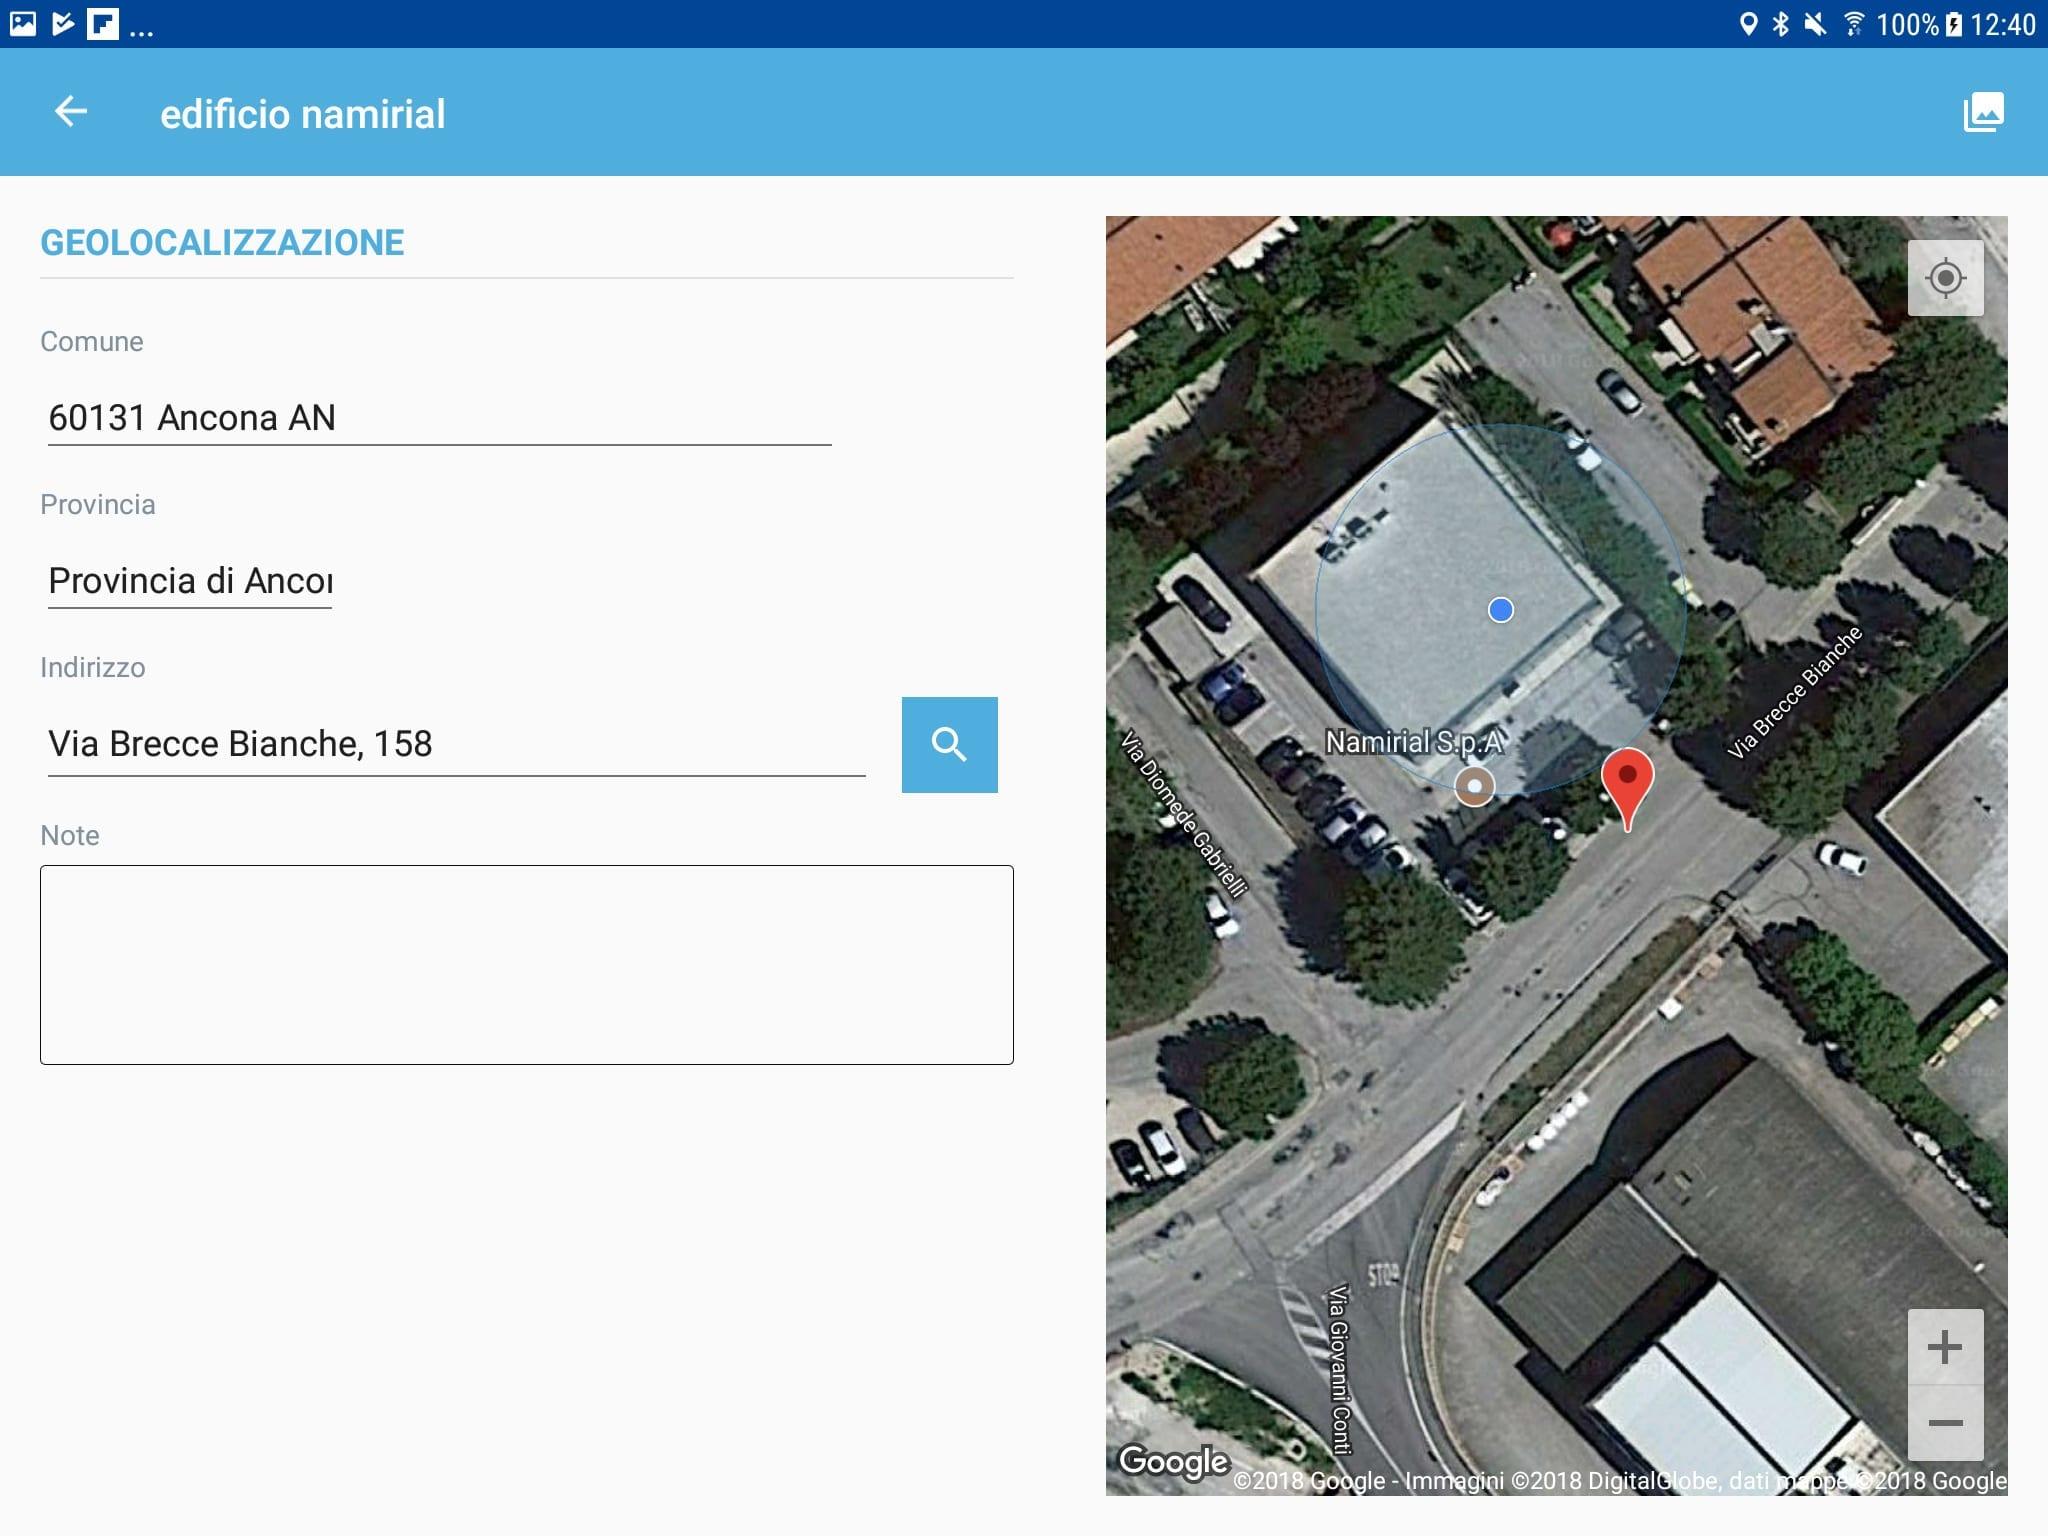 App Termo Android - Geolocalizzazione